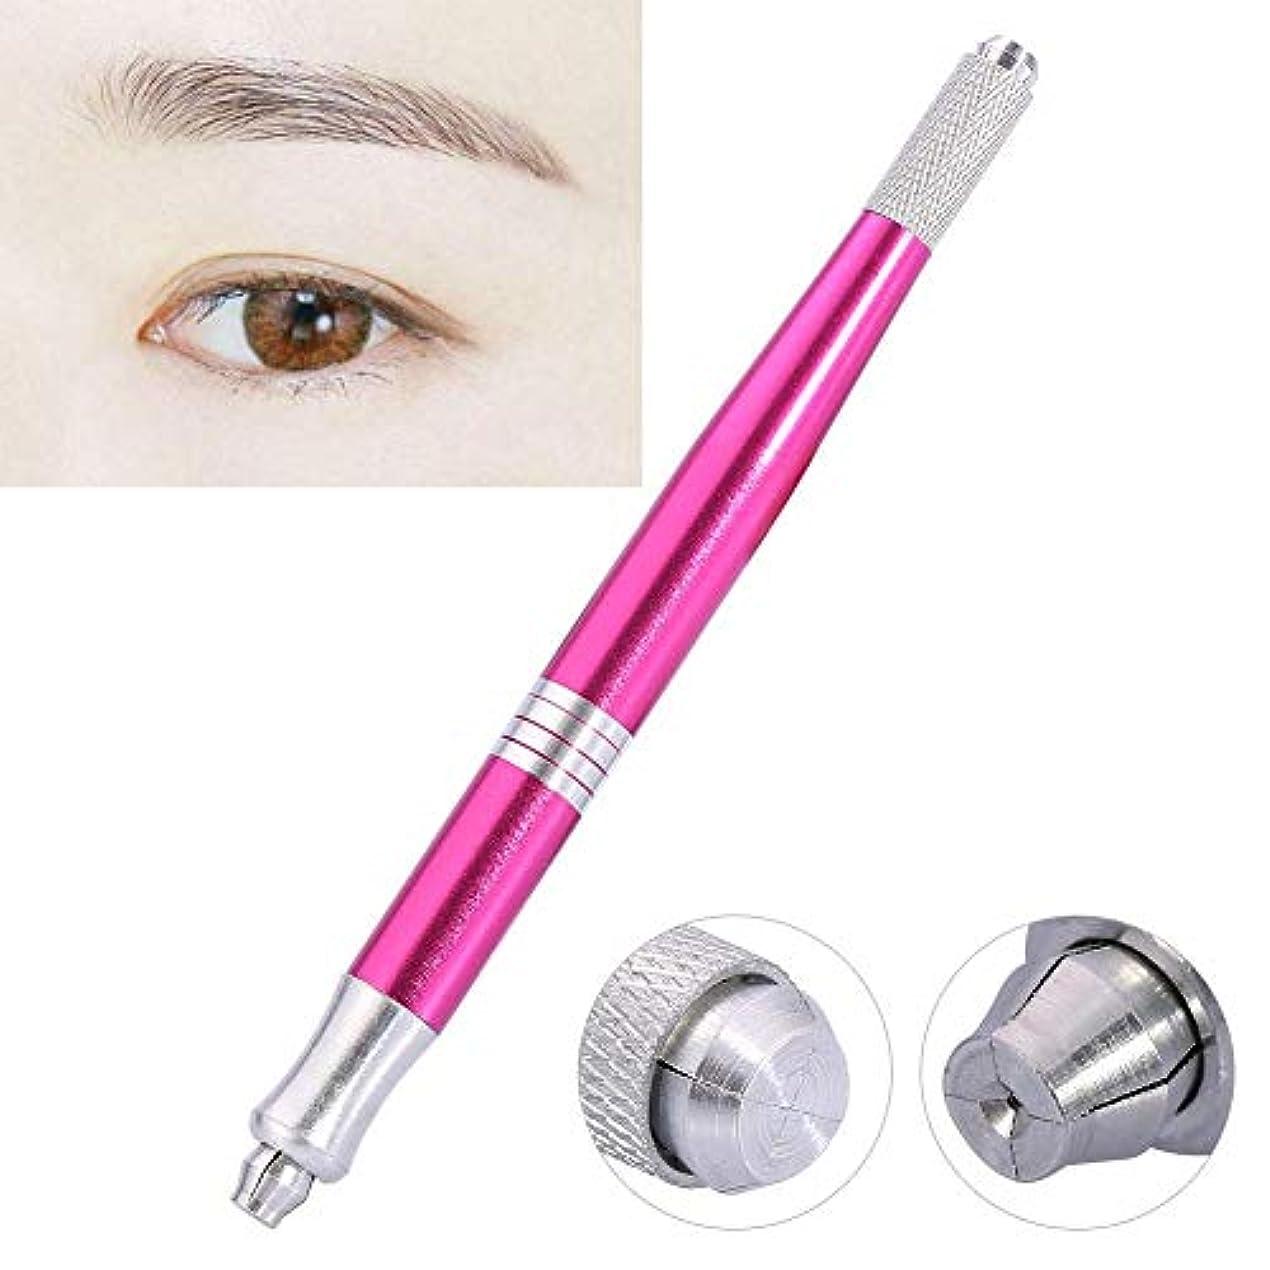 面積中傷ぴったりタトゥーペン - 眉毛タトゥーペンマニュアルマイクロブレードペンアイライナーリップ、手刺繍アイブロウペンシル - ウォーターフォグの眉毛を作成します